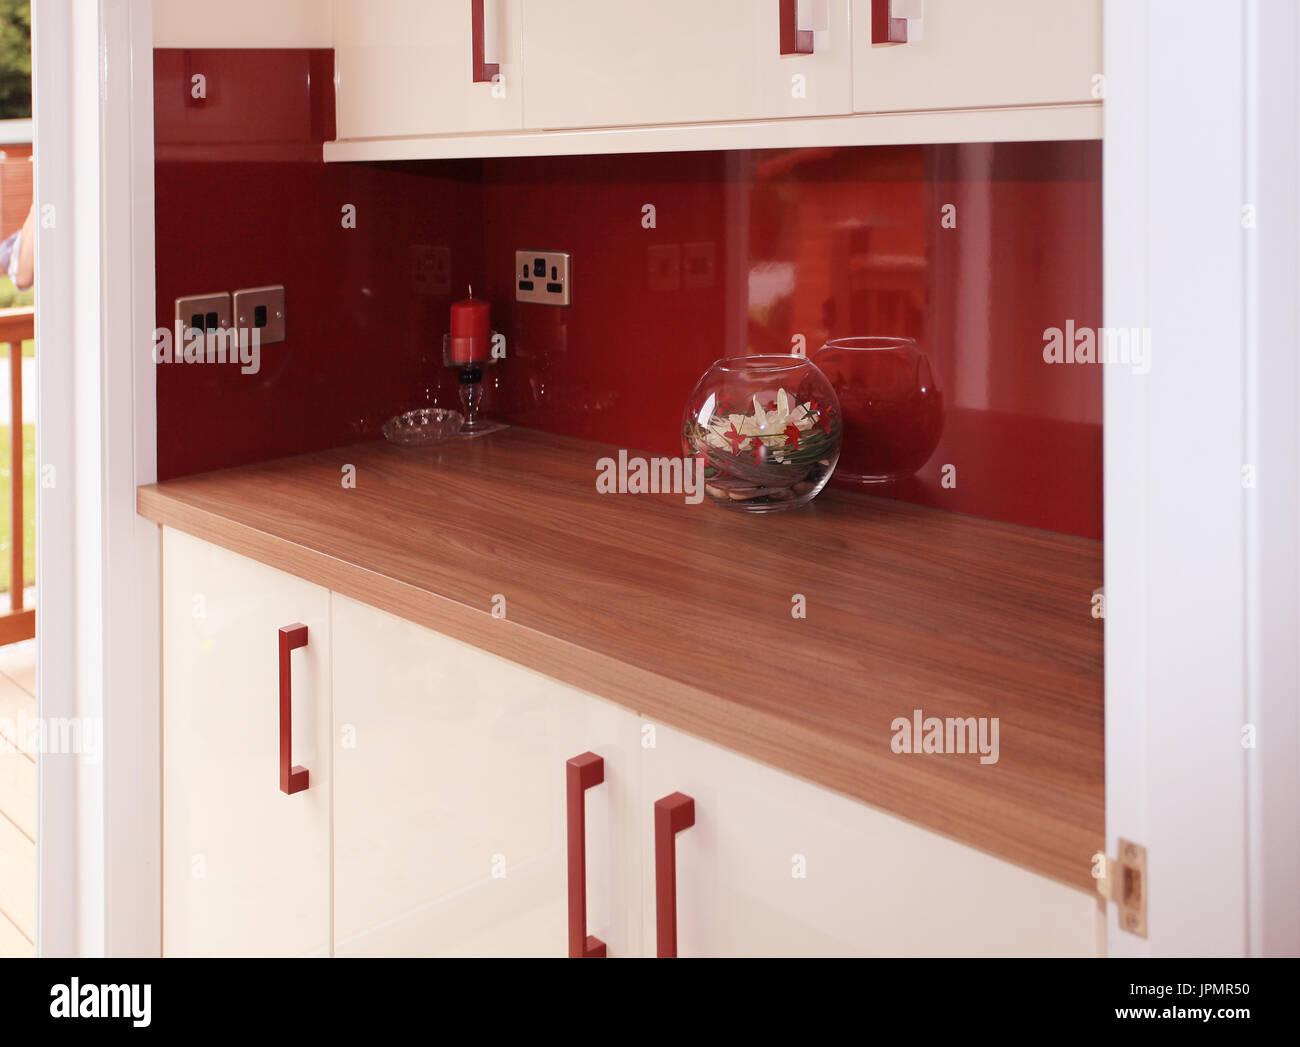 Modern Design Shelter Stockfotos & Modern Design Shelter Bilder - Alamy